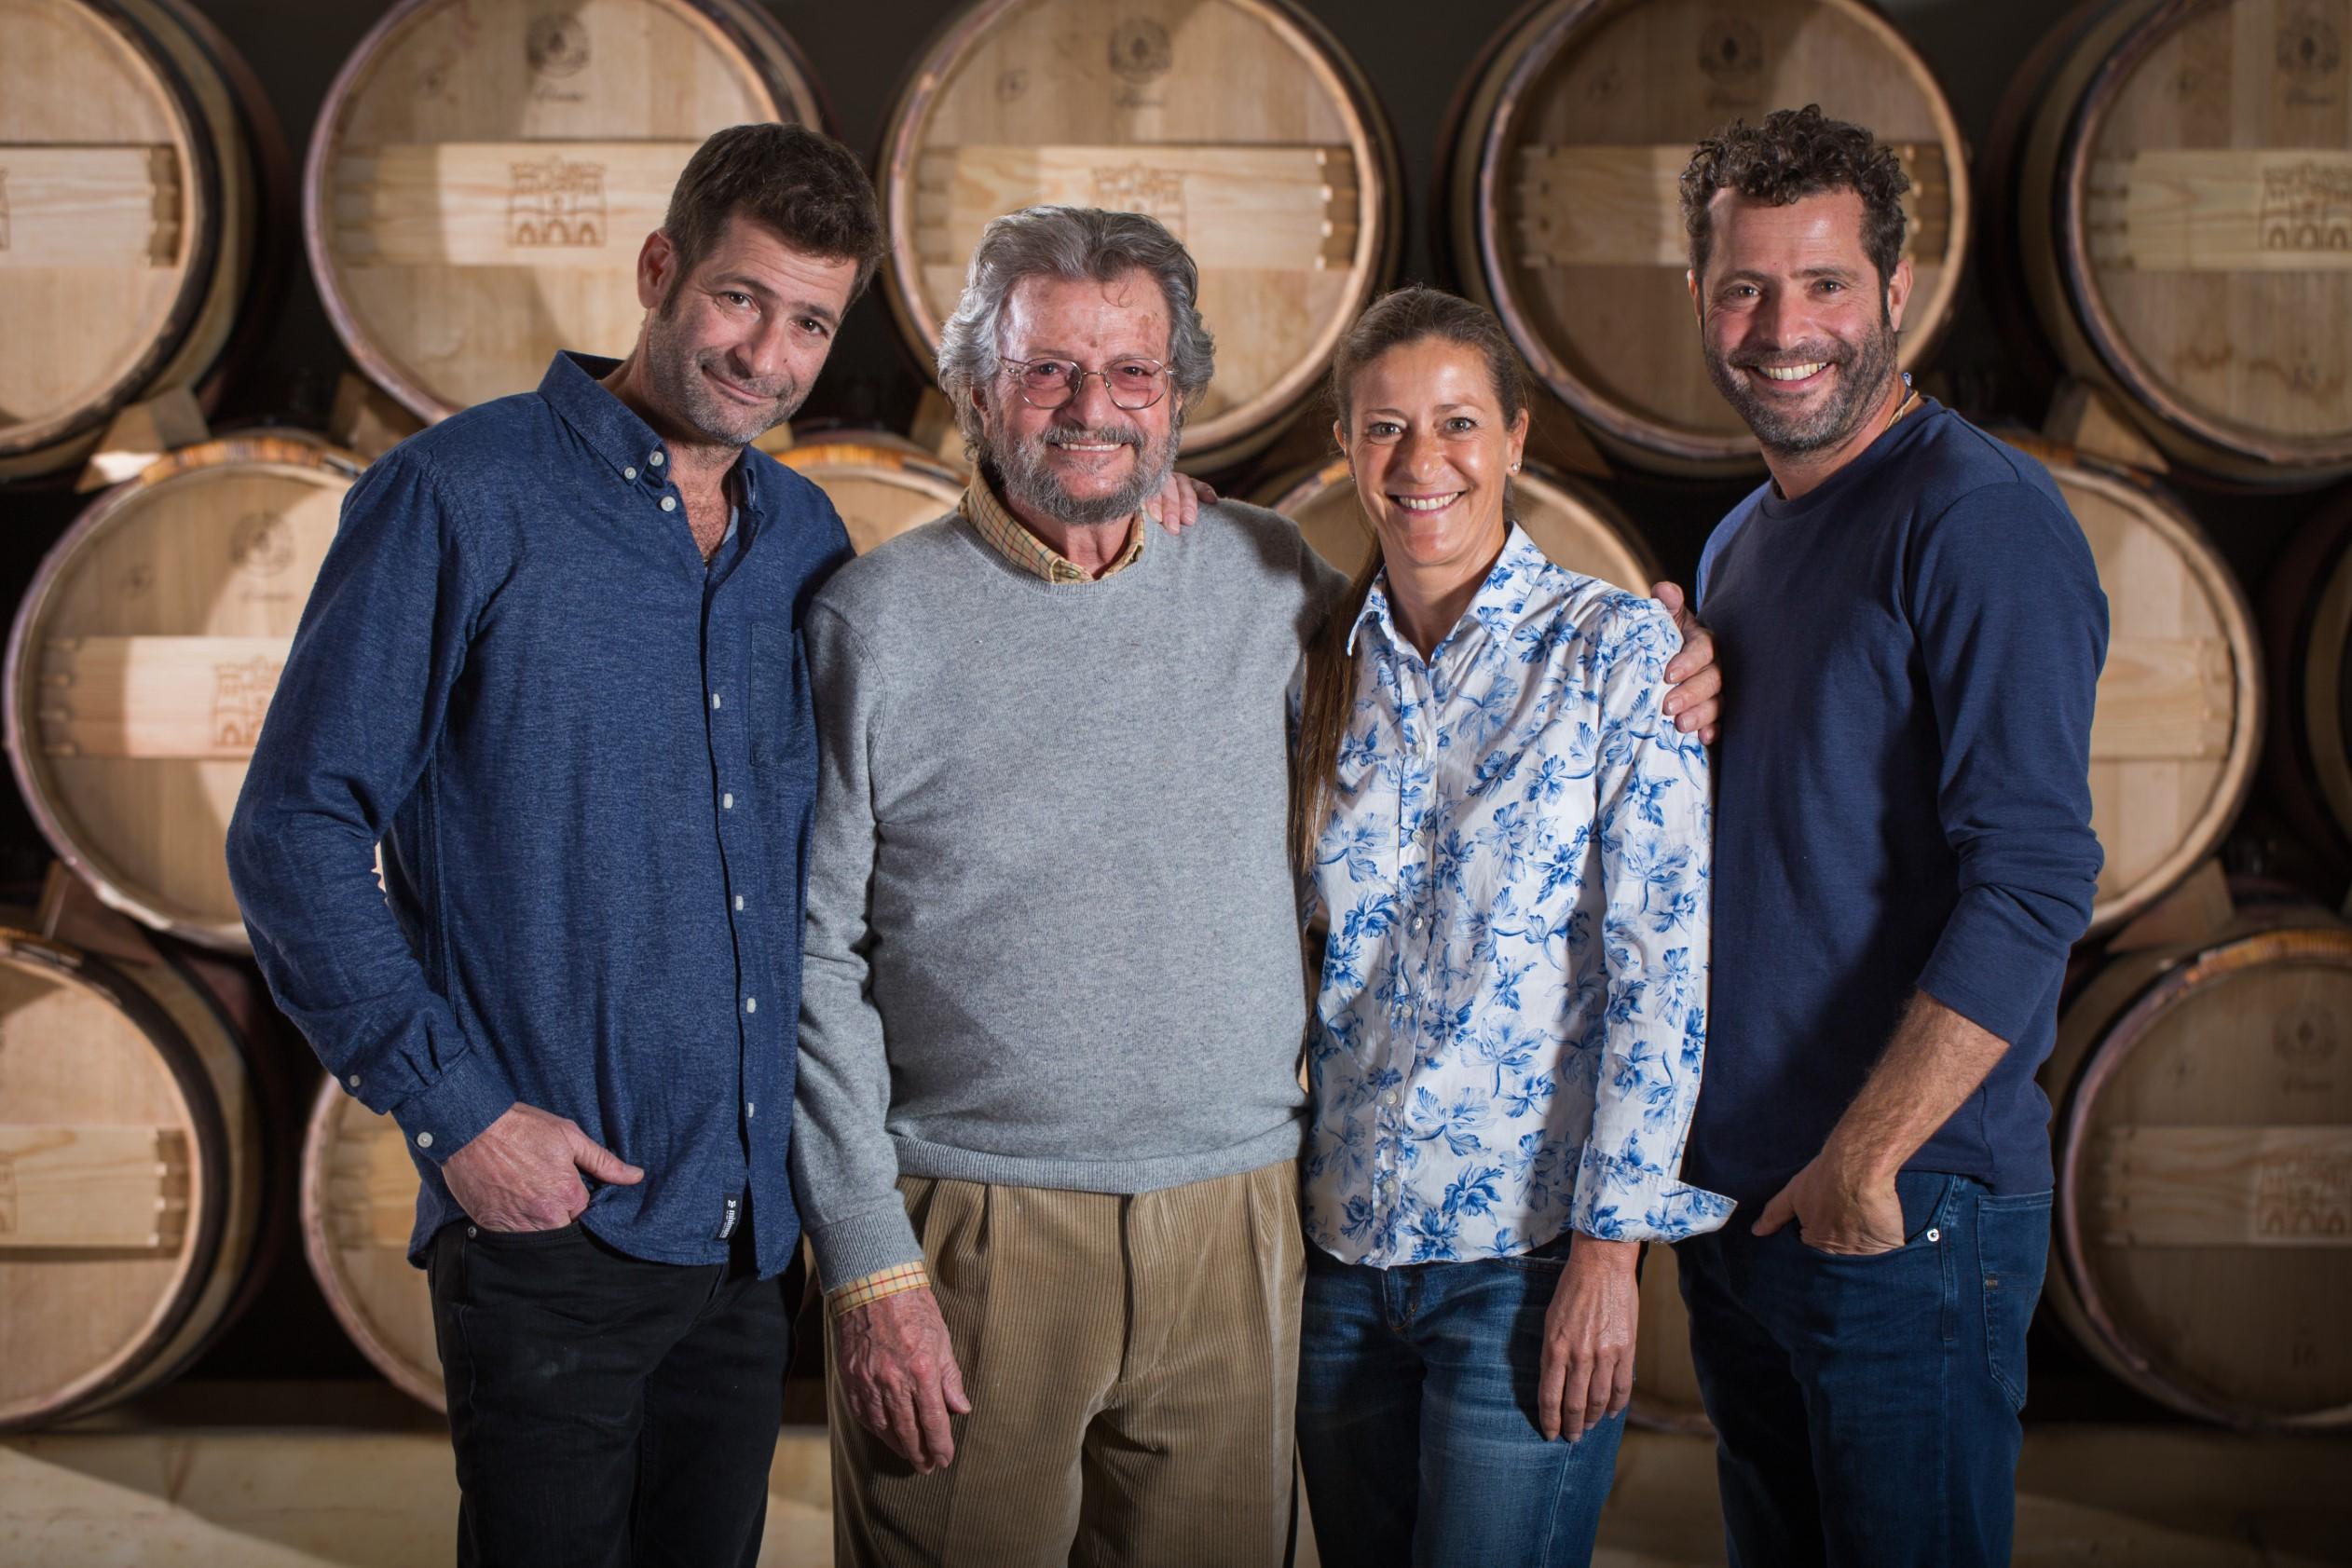 משפחת בן זקן: אריאל, אילנה, אלי, איתן (צילום: אלעד ברמי)